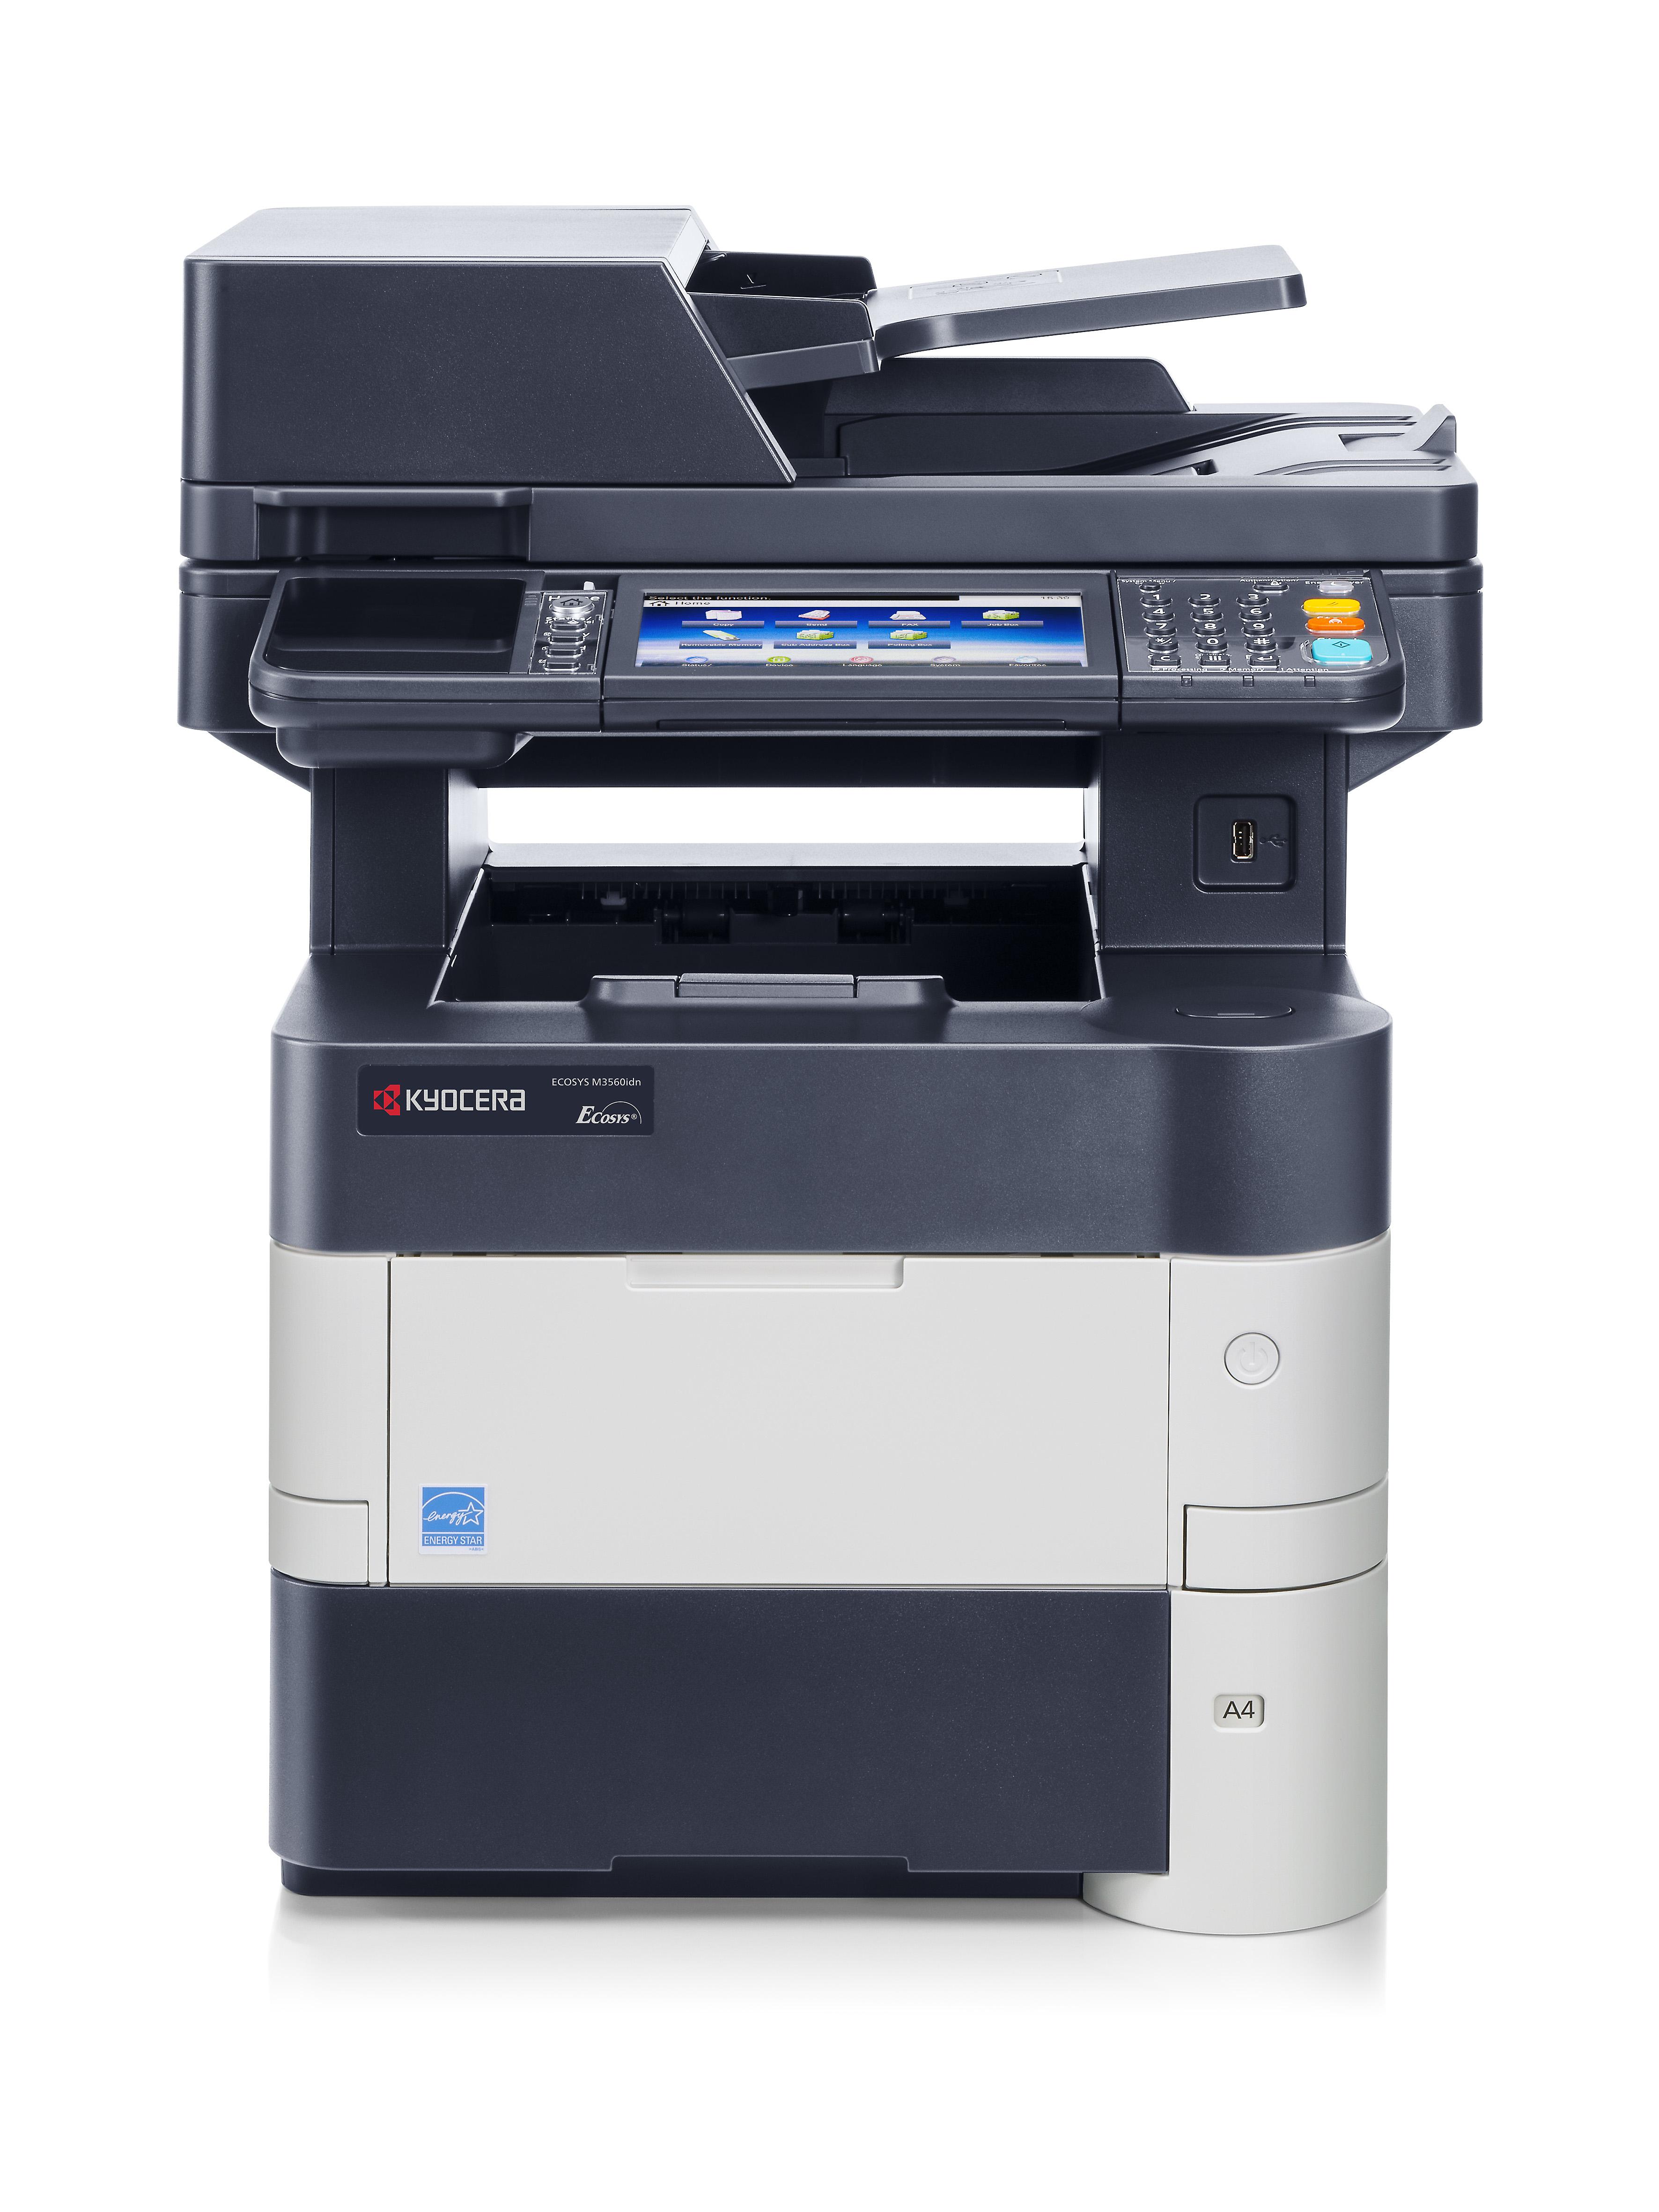 Vorschau: Kyocera ECOSYS M3560idn - Multifunktionsdrucker - s/w